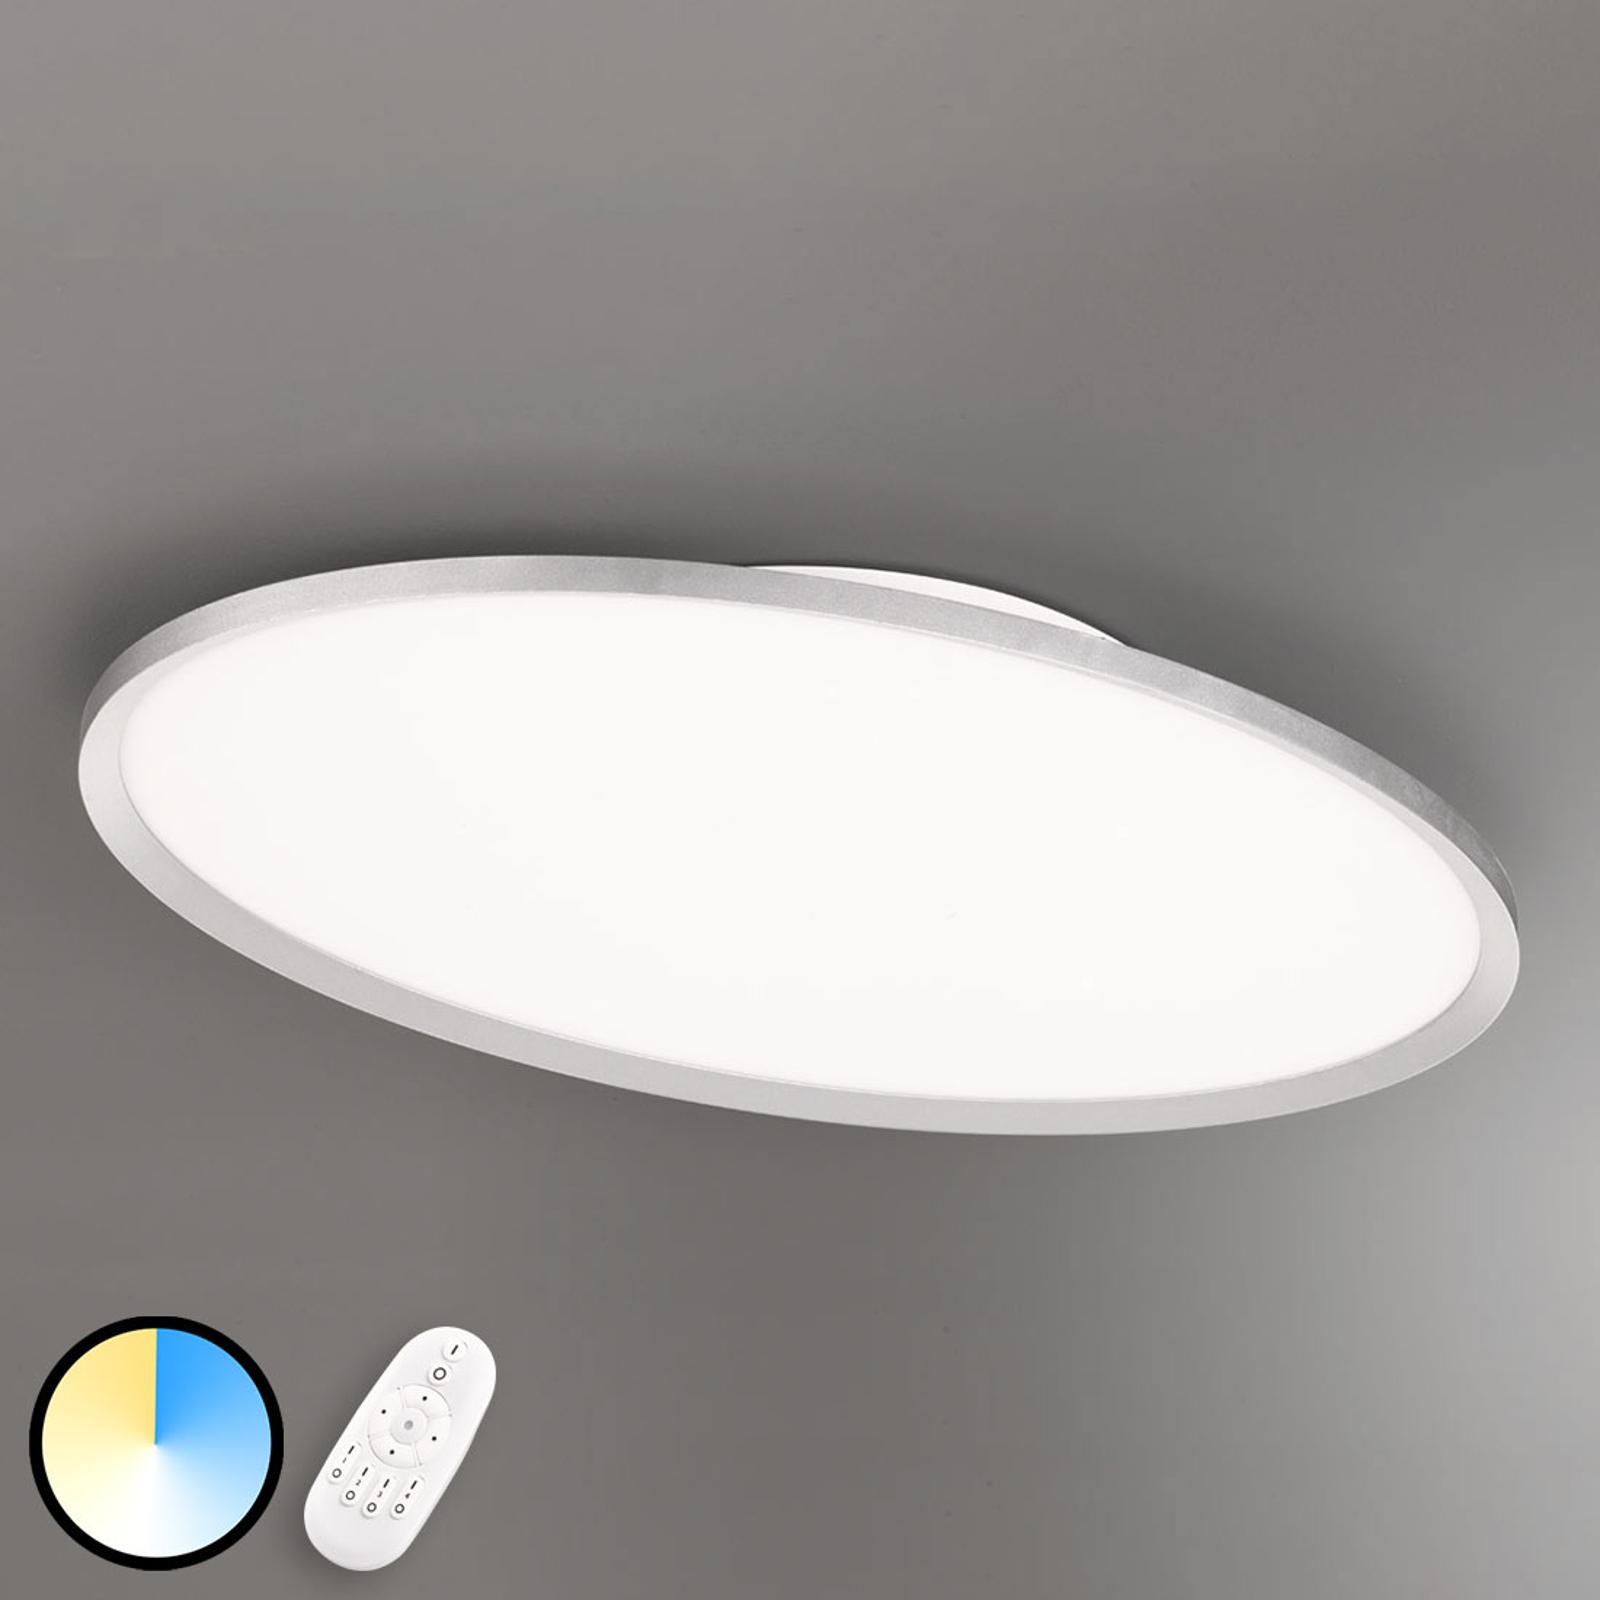 Monitoimintainen LED-kattolamppu Torrance, 80 cm